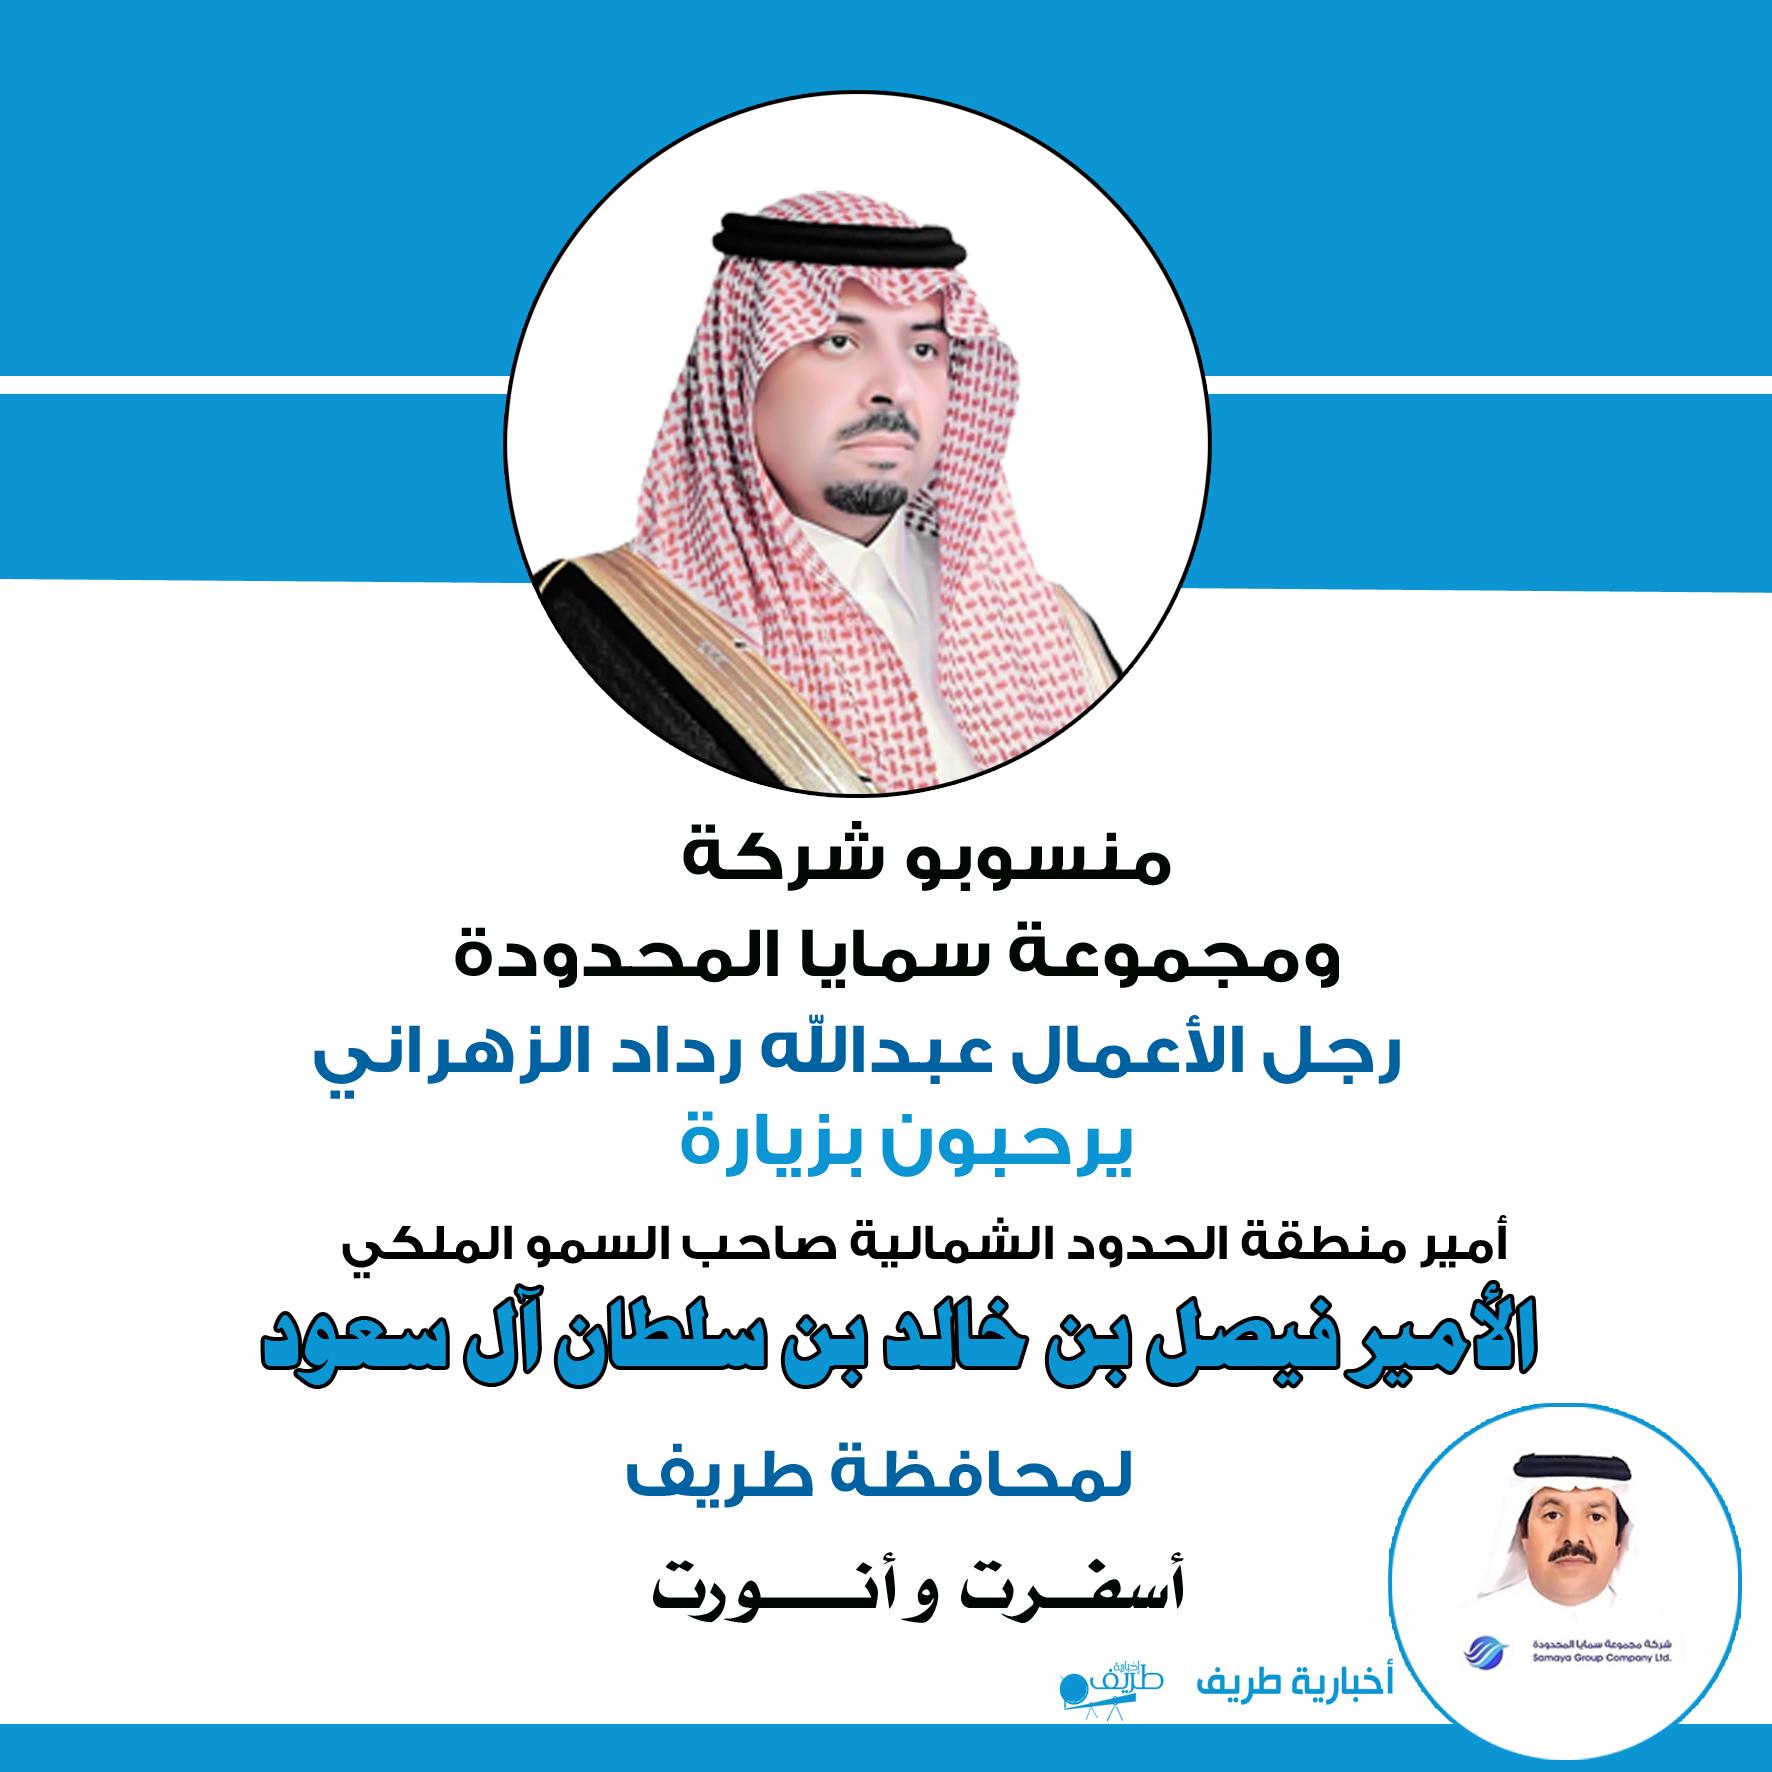 رئيس مجموعة سمايا رجل الأعمال عبدالله الزهراني يرحب بزيارة أمير الحدود لمحافظة طريف